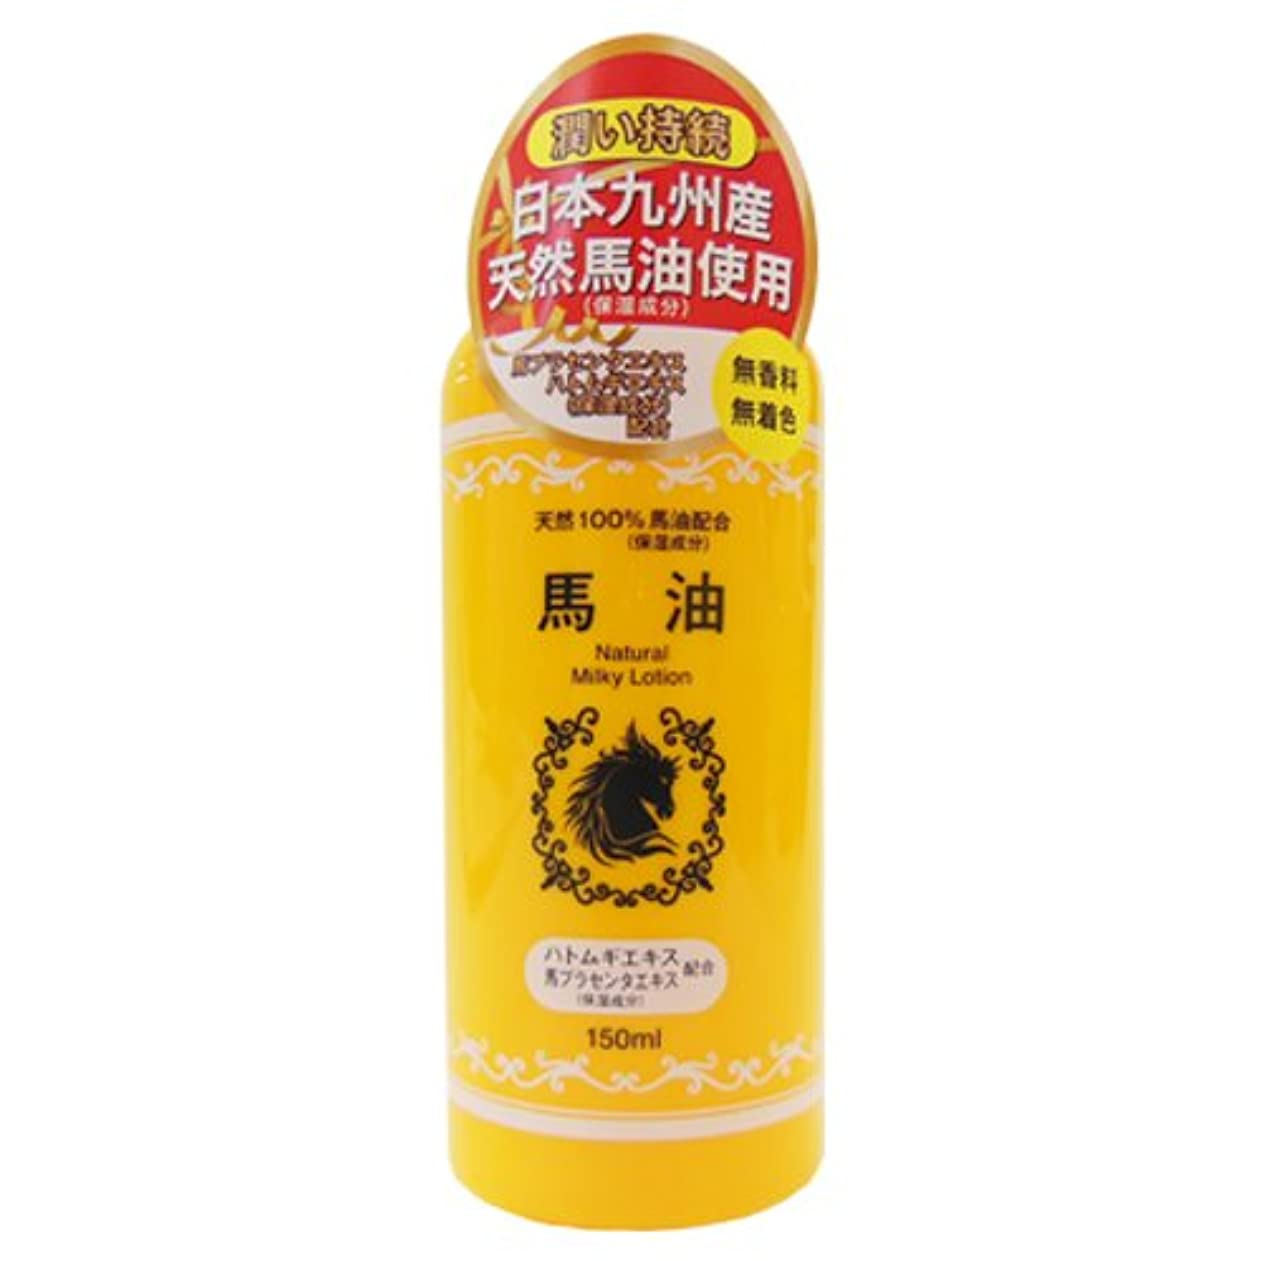 ガイドライン誘惑するボタン馬油配合乳液 150ml